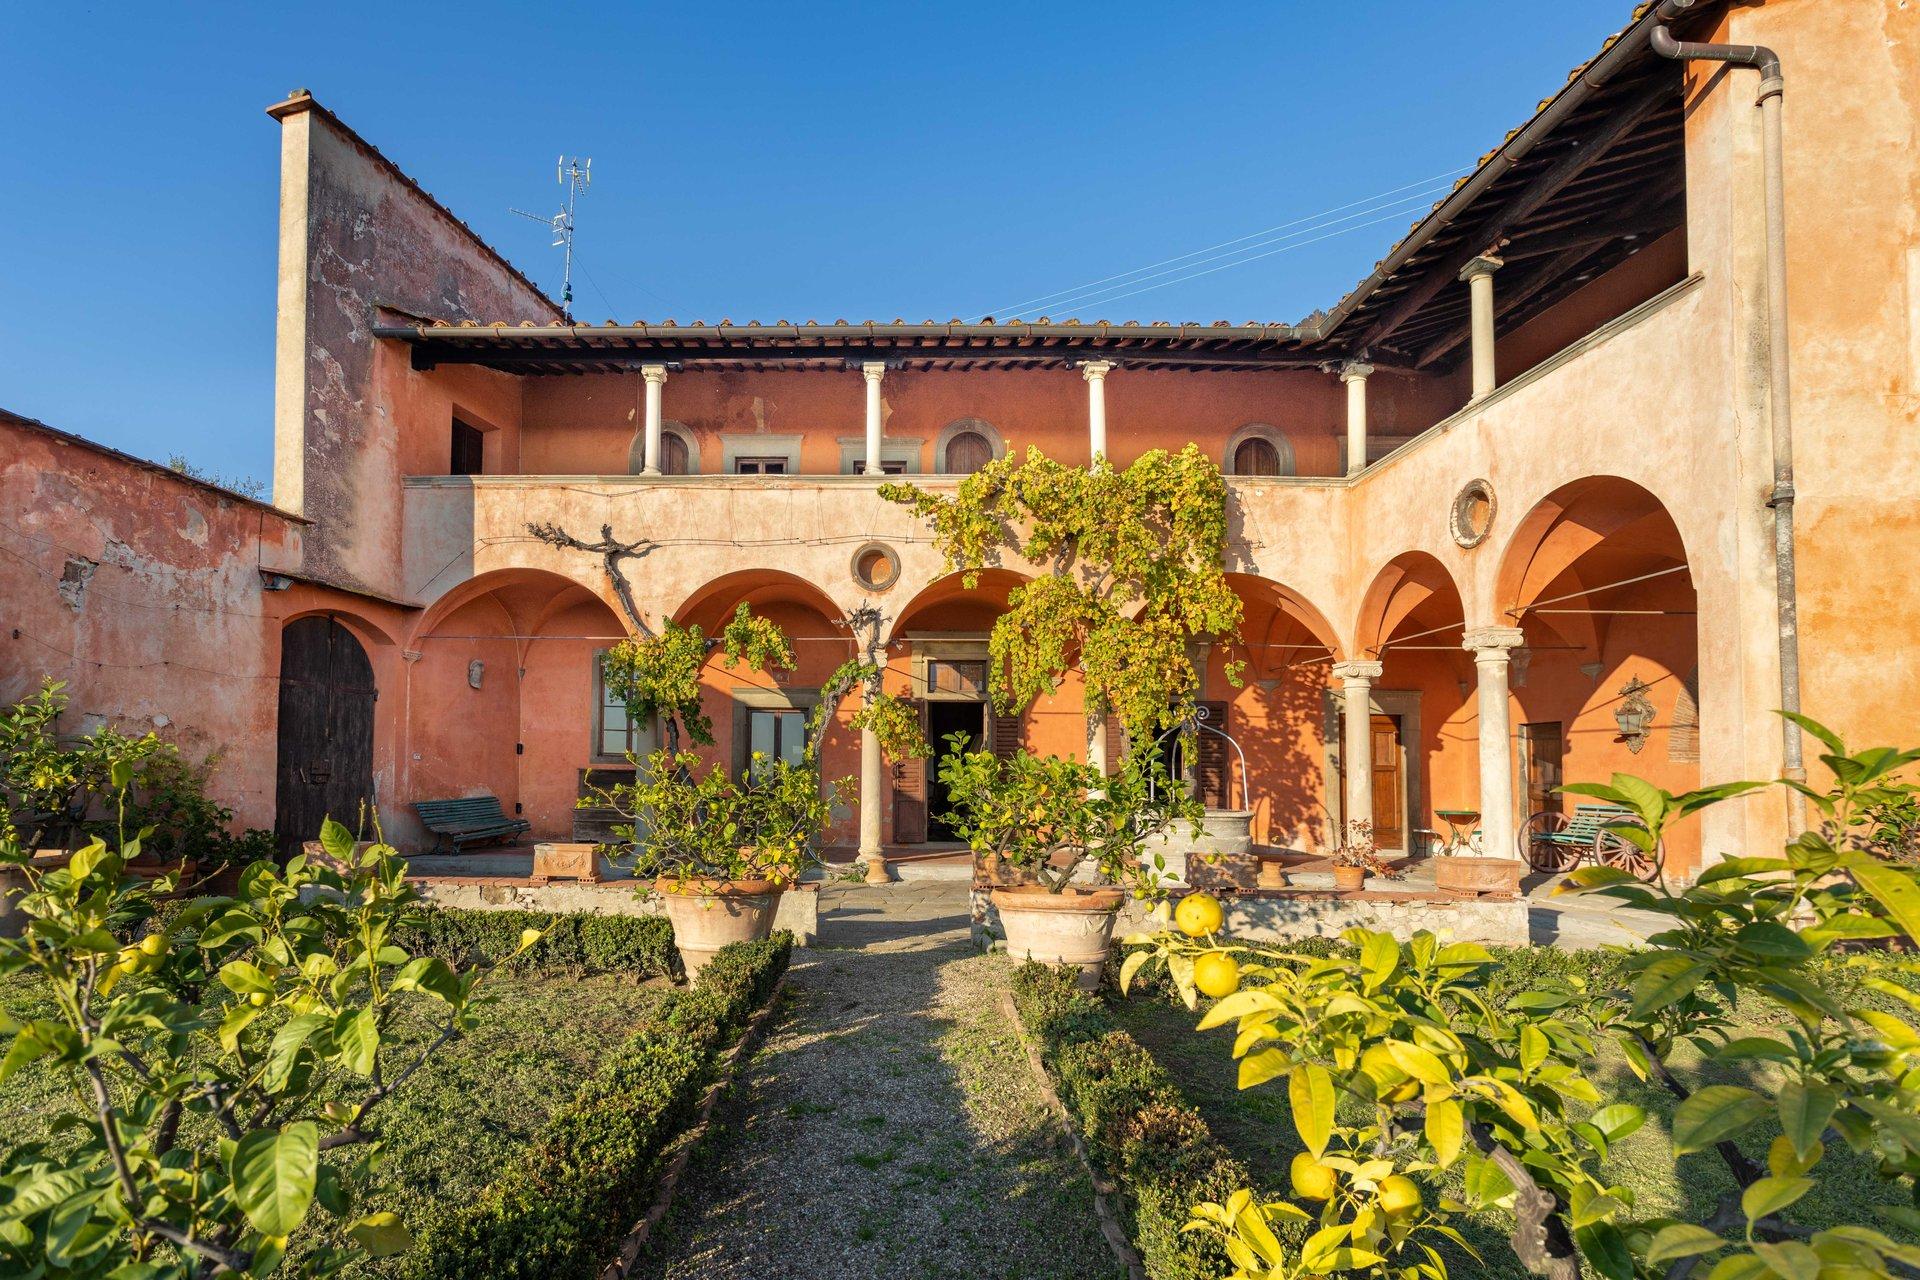 Vente Villa Florence Careggi